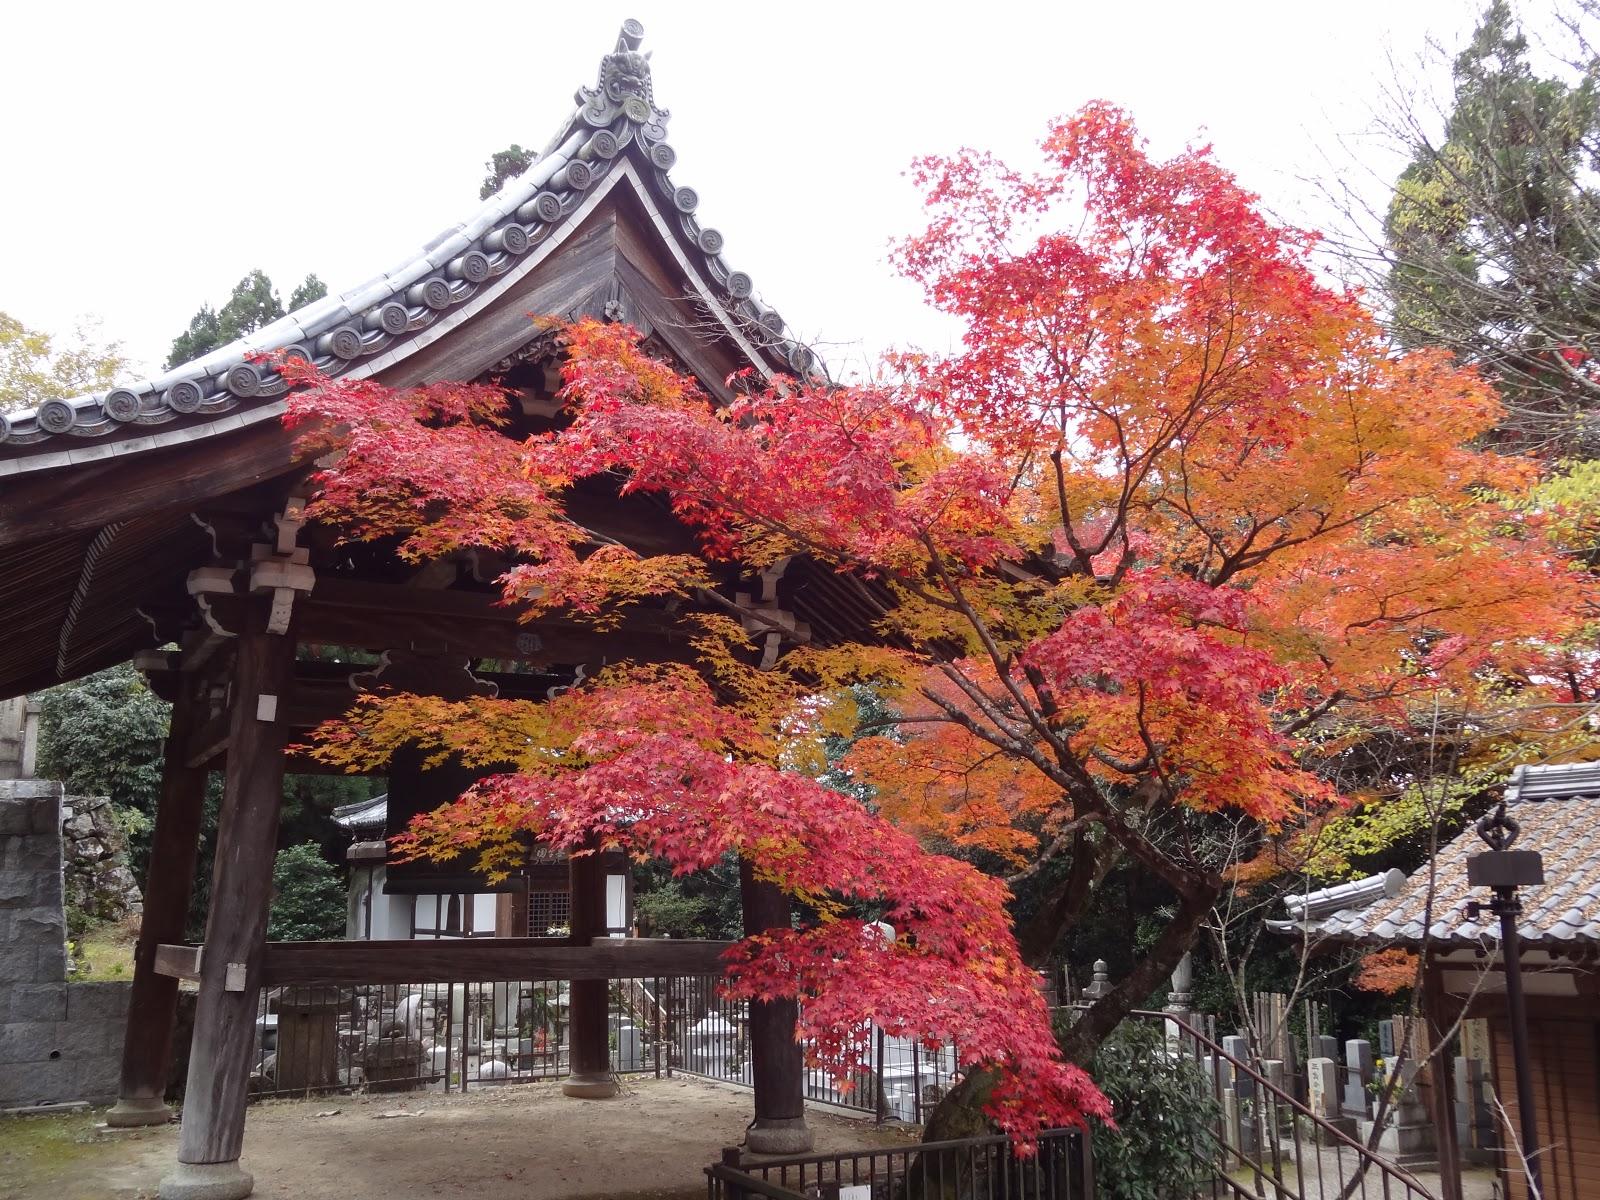 京都永觀堂極品楓 | 真幸福